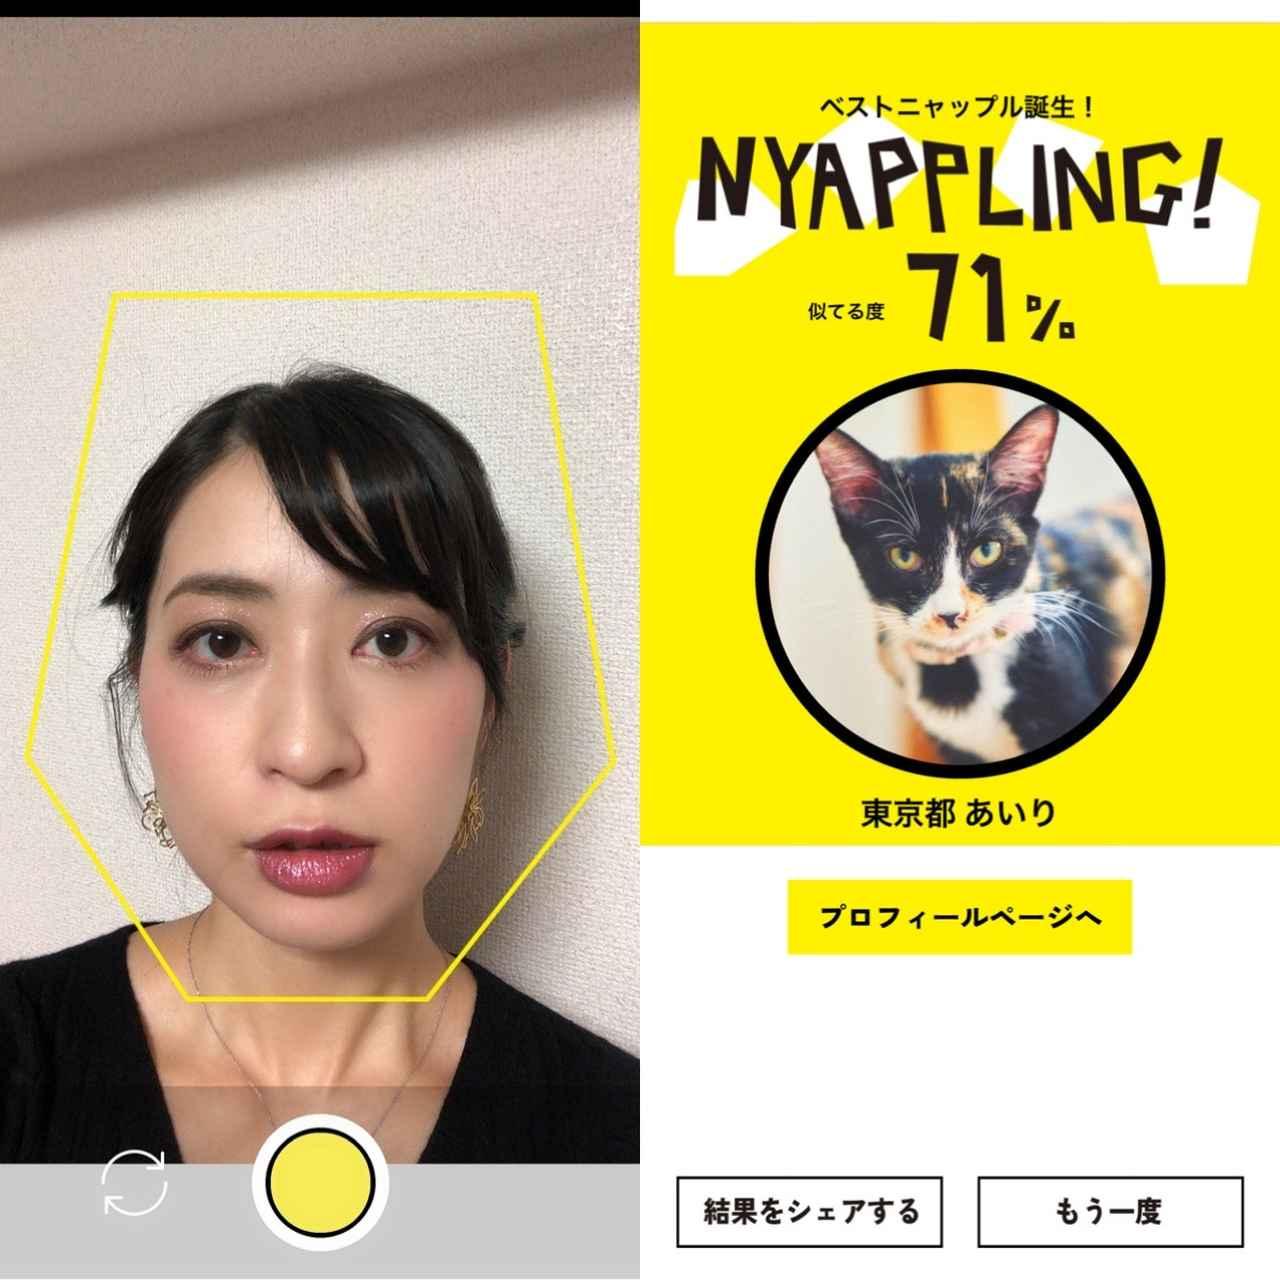 画像1: 色んな顔をして『NYAPPLING』で遊んでみた。